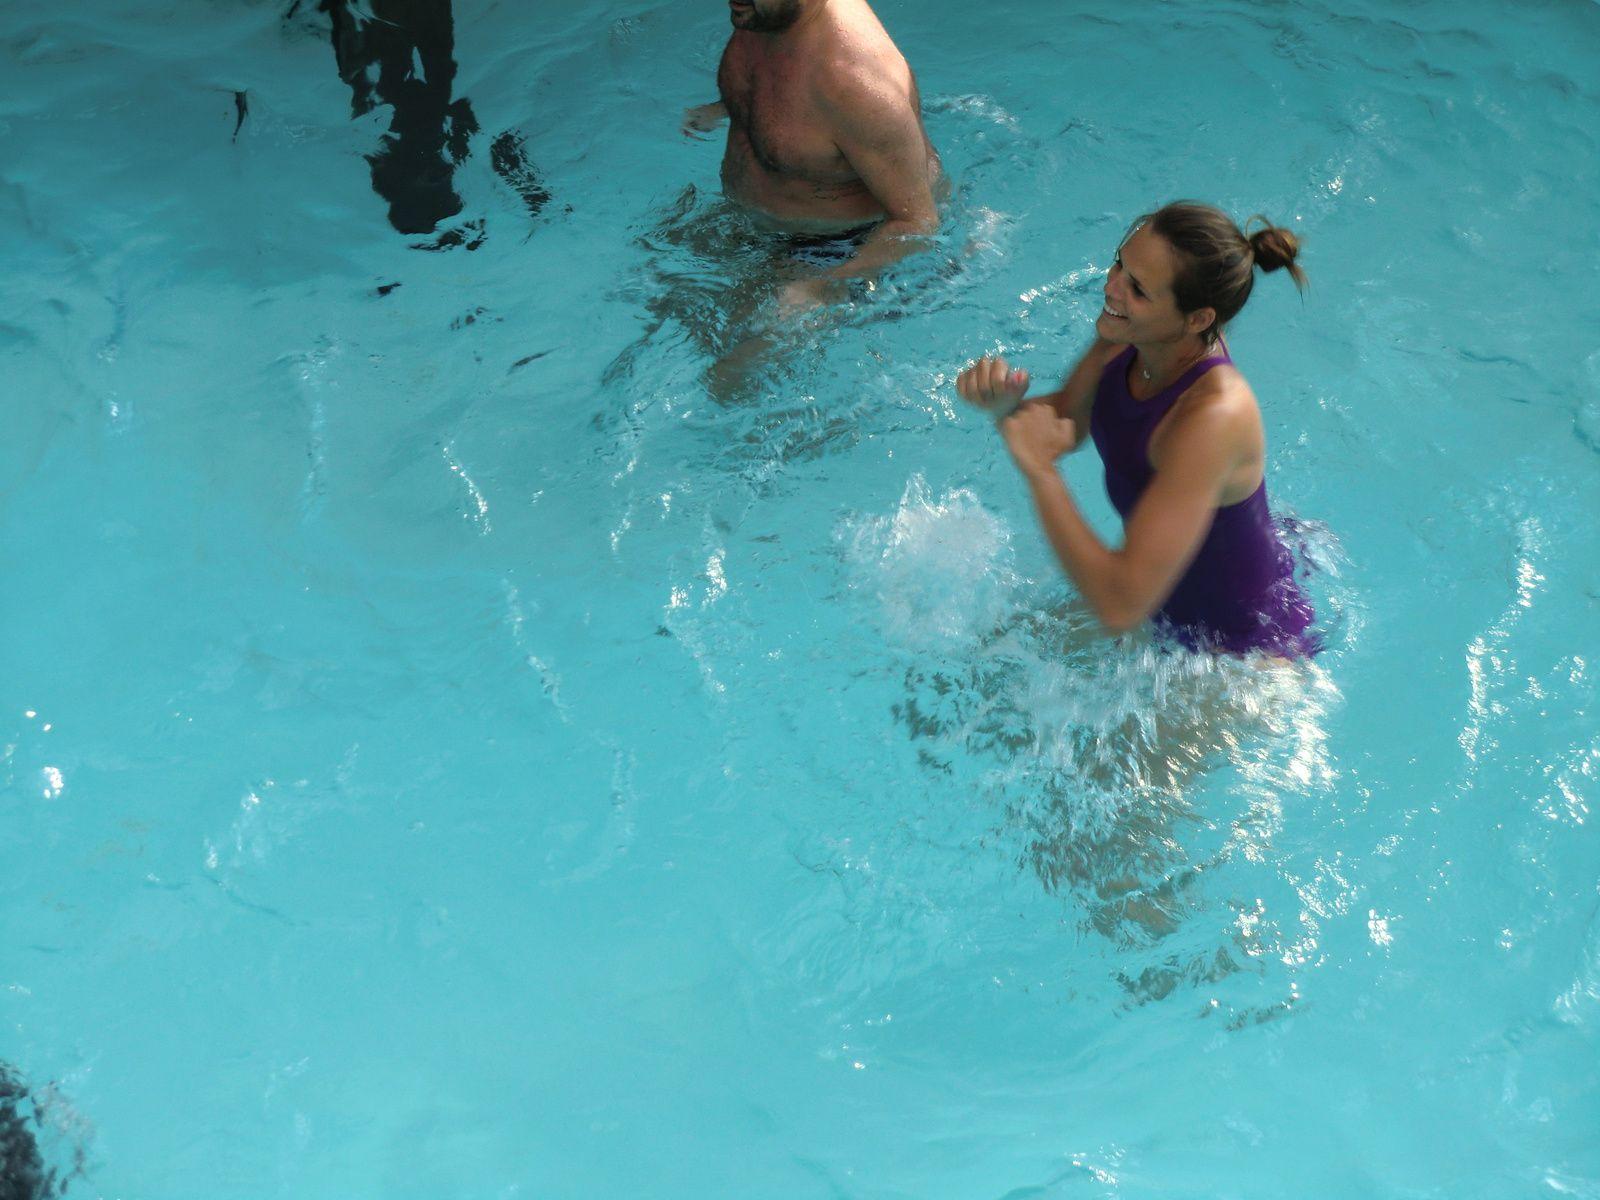 Et Laure Manaudou s'intègre au cours d'aquagym